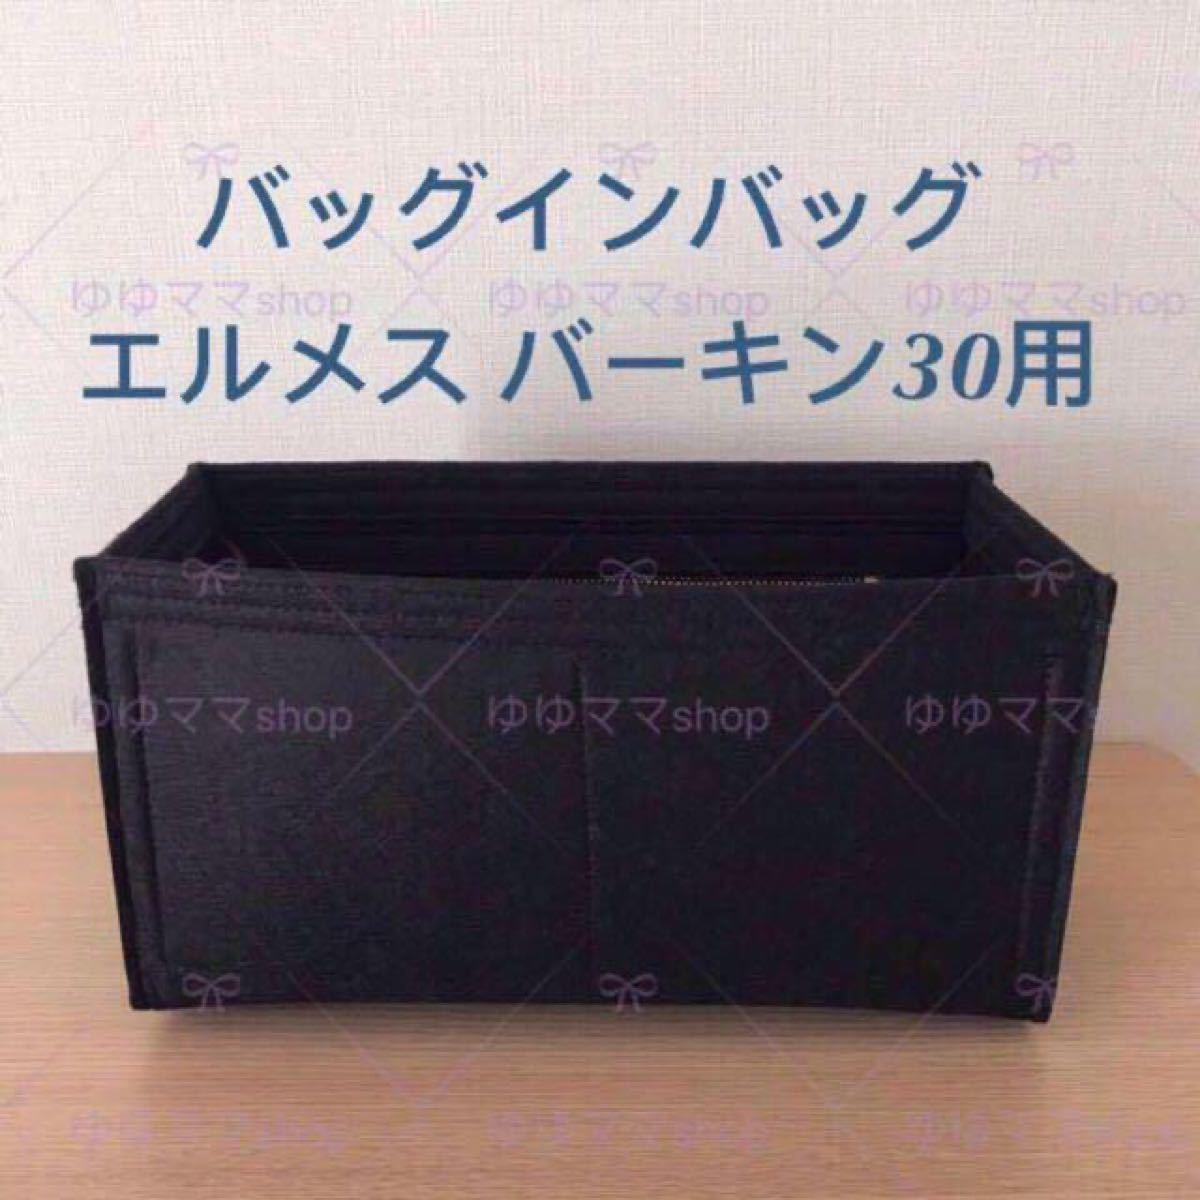 新品バッグインバッグ インナーバッグ ブラック色 30cm用 黒色